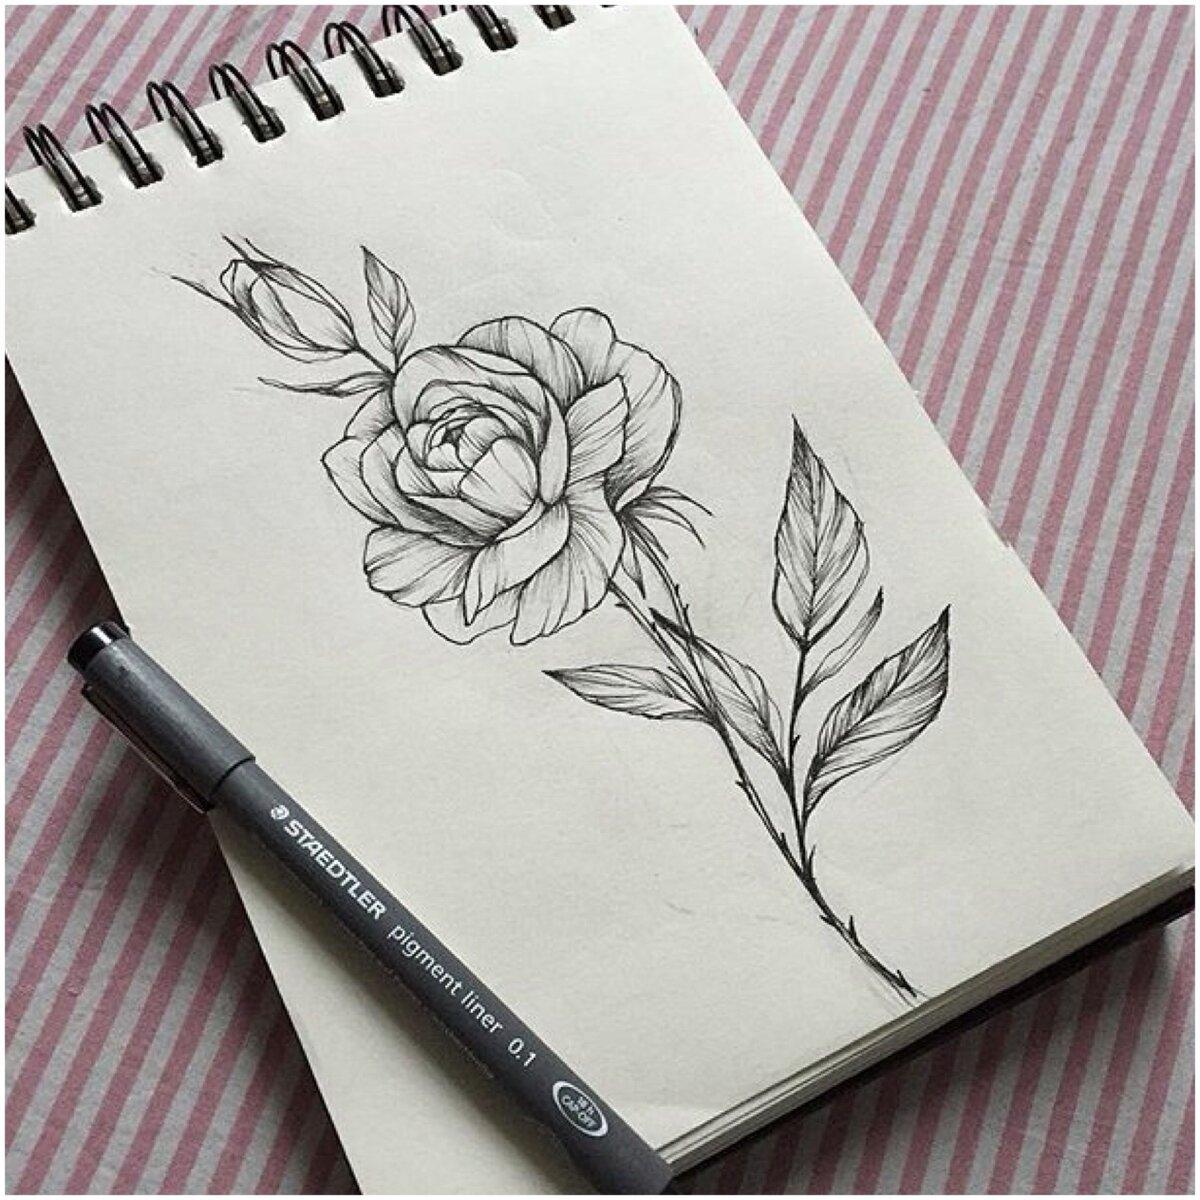 недостатки, красивые рисунки которые можно нарисовать в блокнот даже перестала постить